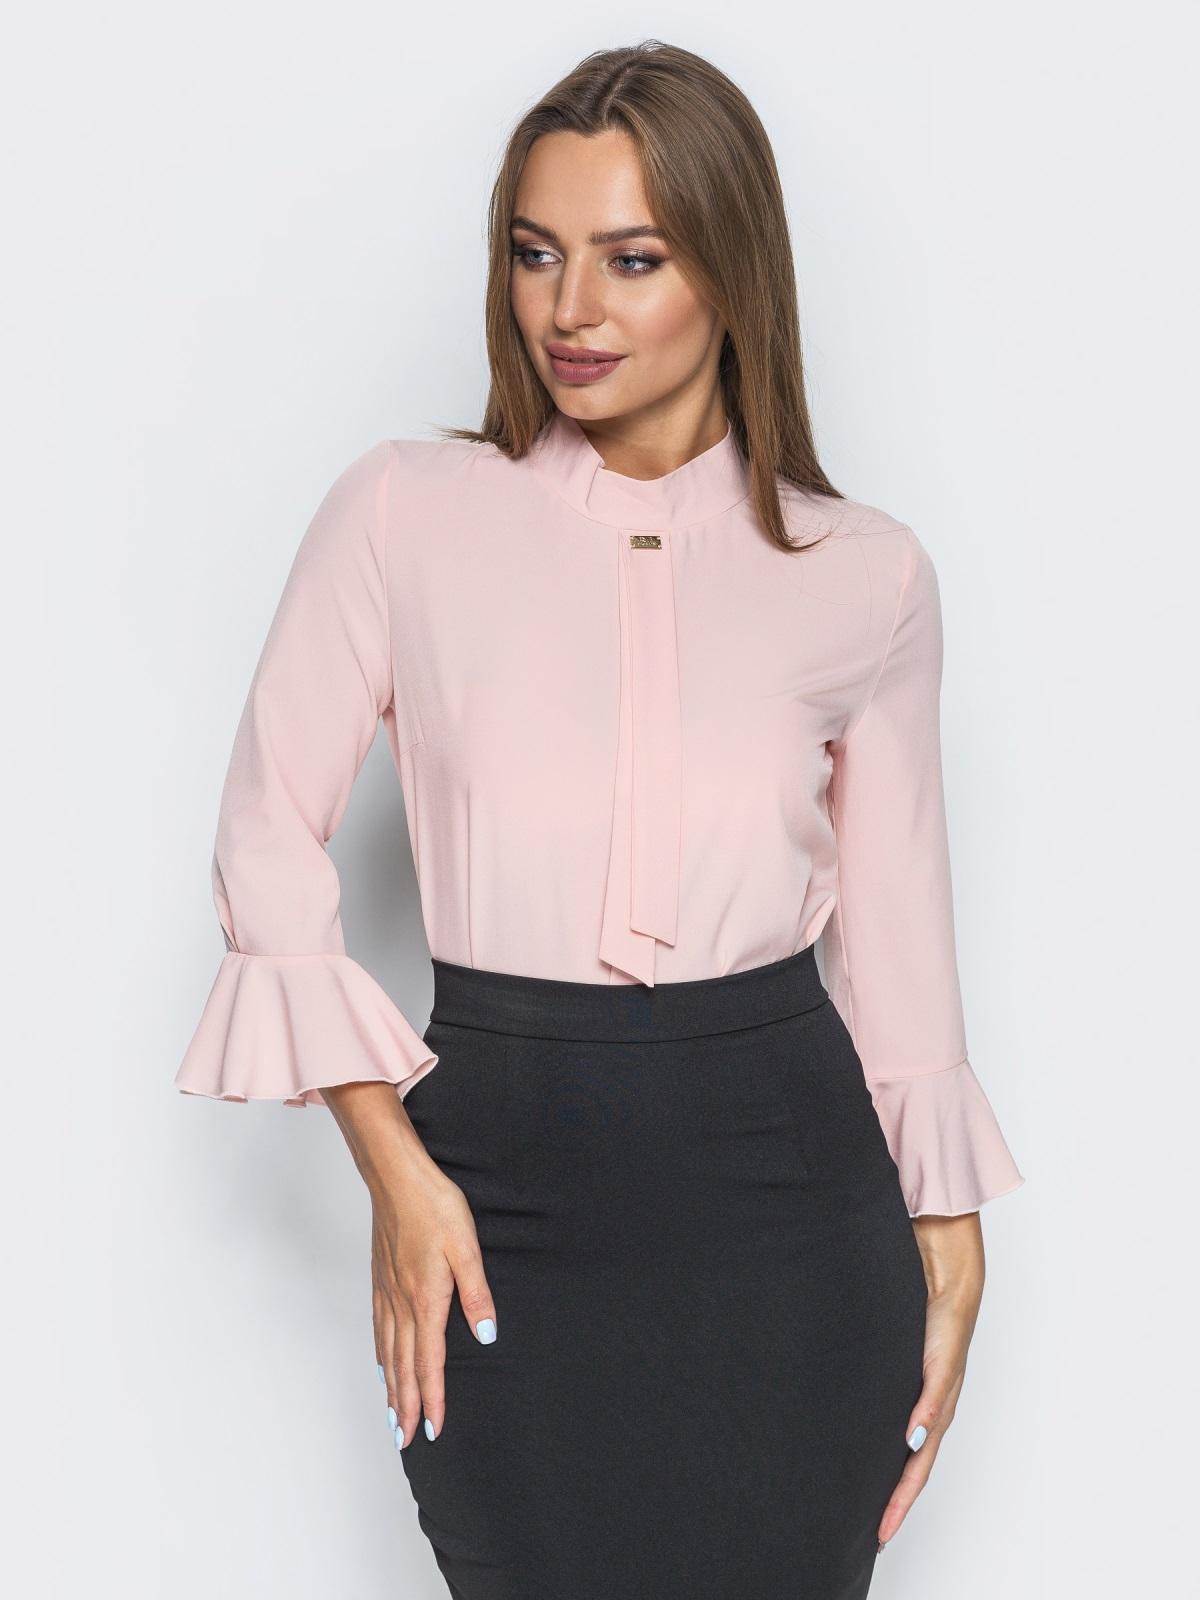 Пудровая блузка с имитацией галстука - 13241, фото 2 – интернет-магазин Dressa